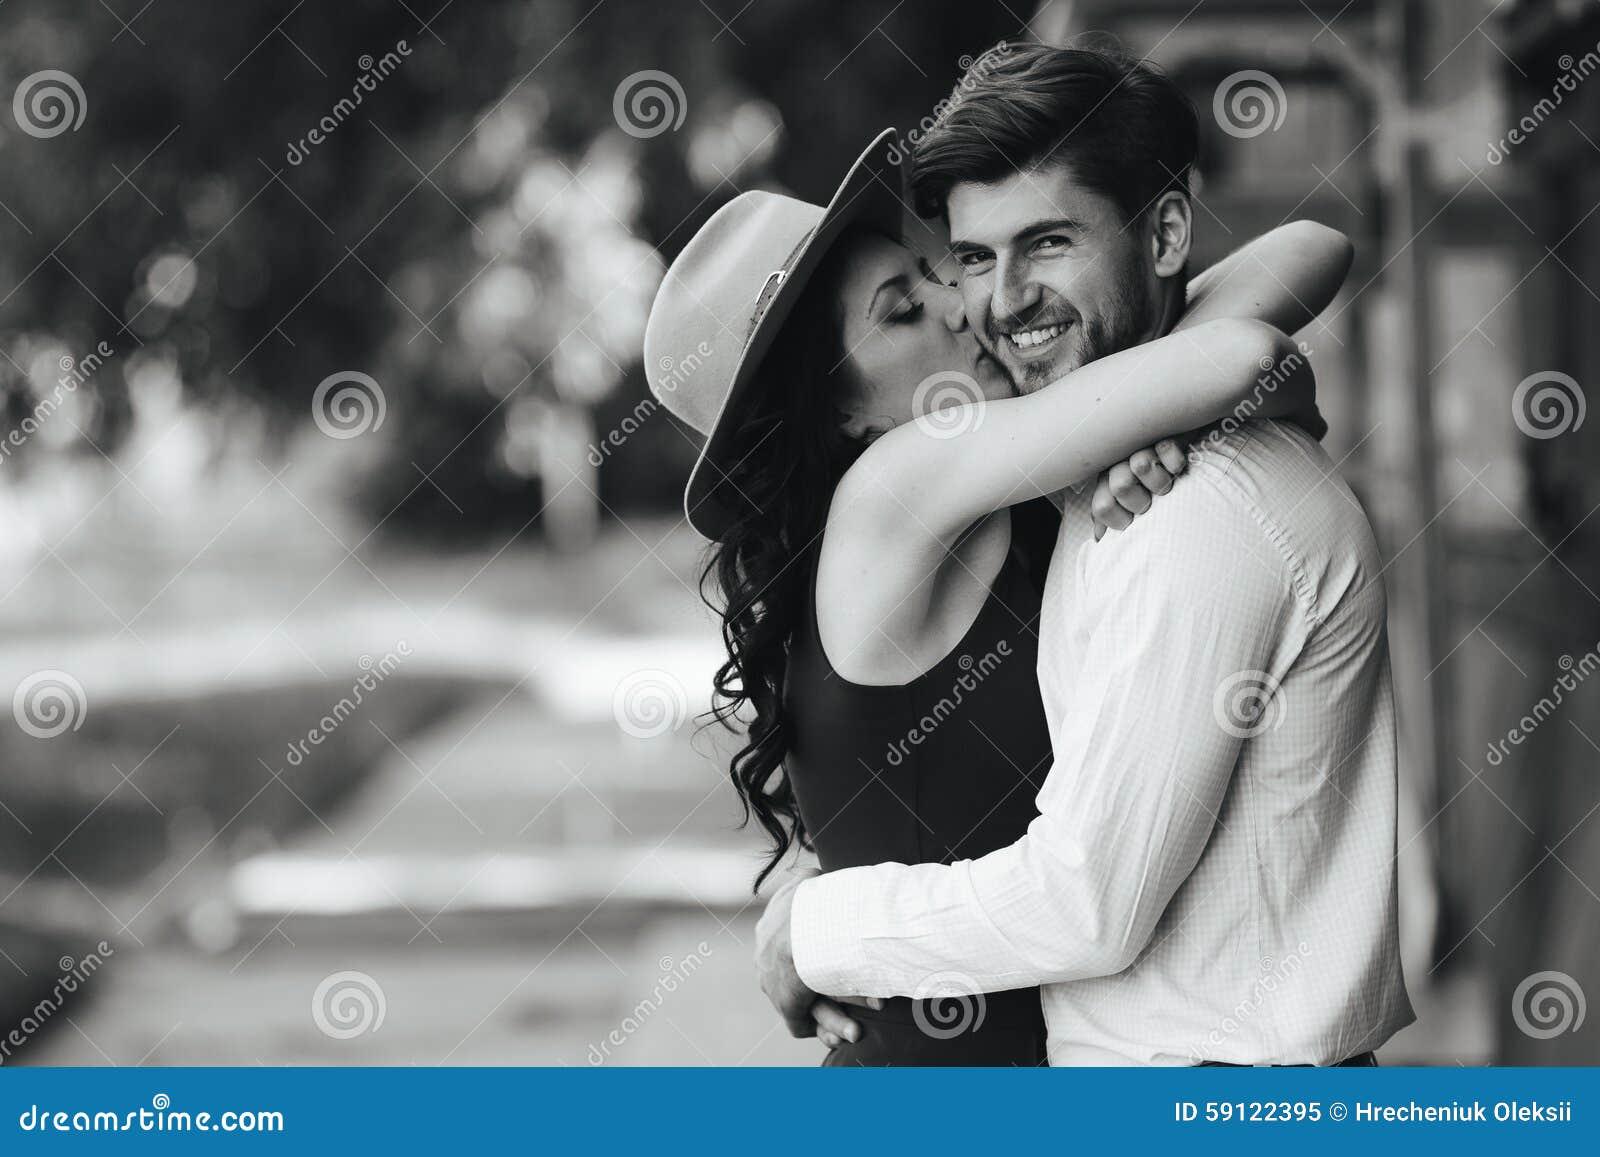 Фотографии красивых девушек где они целуются, случайно обнаженные звезды фото